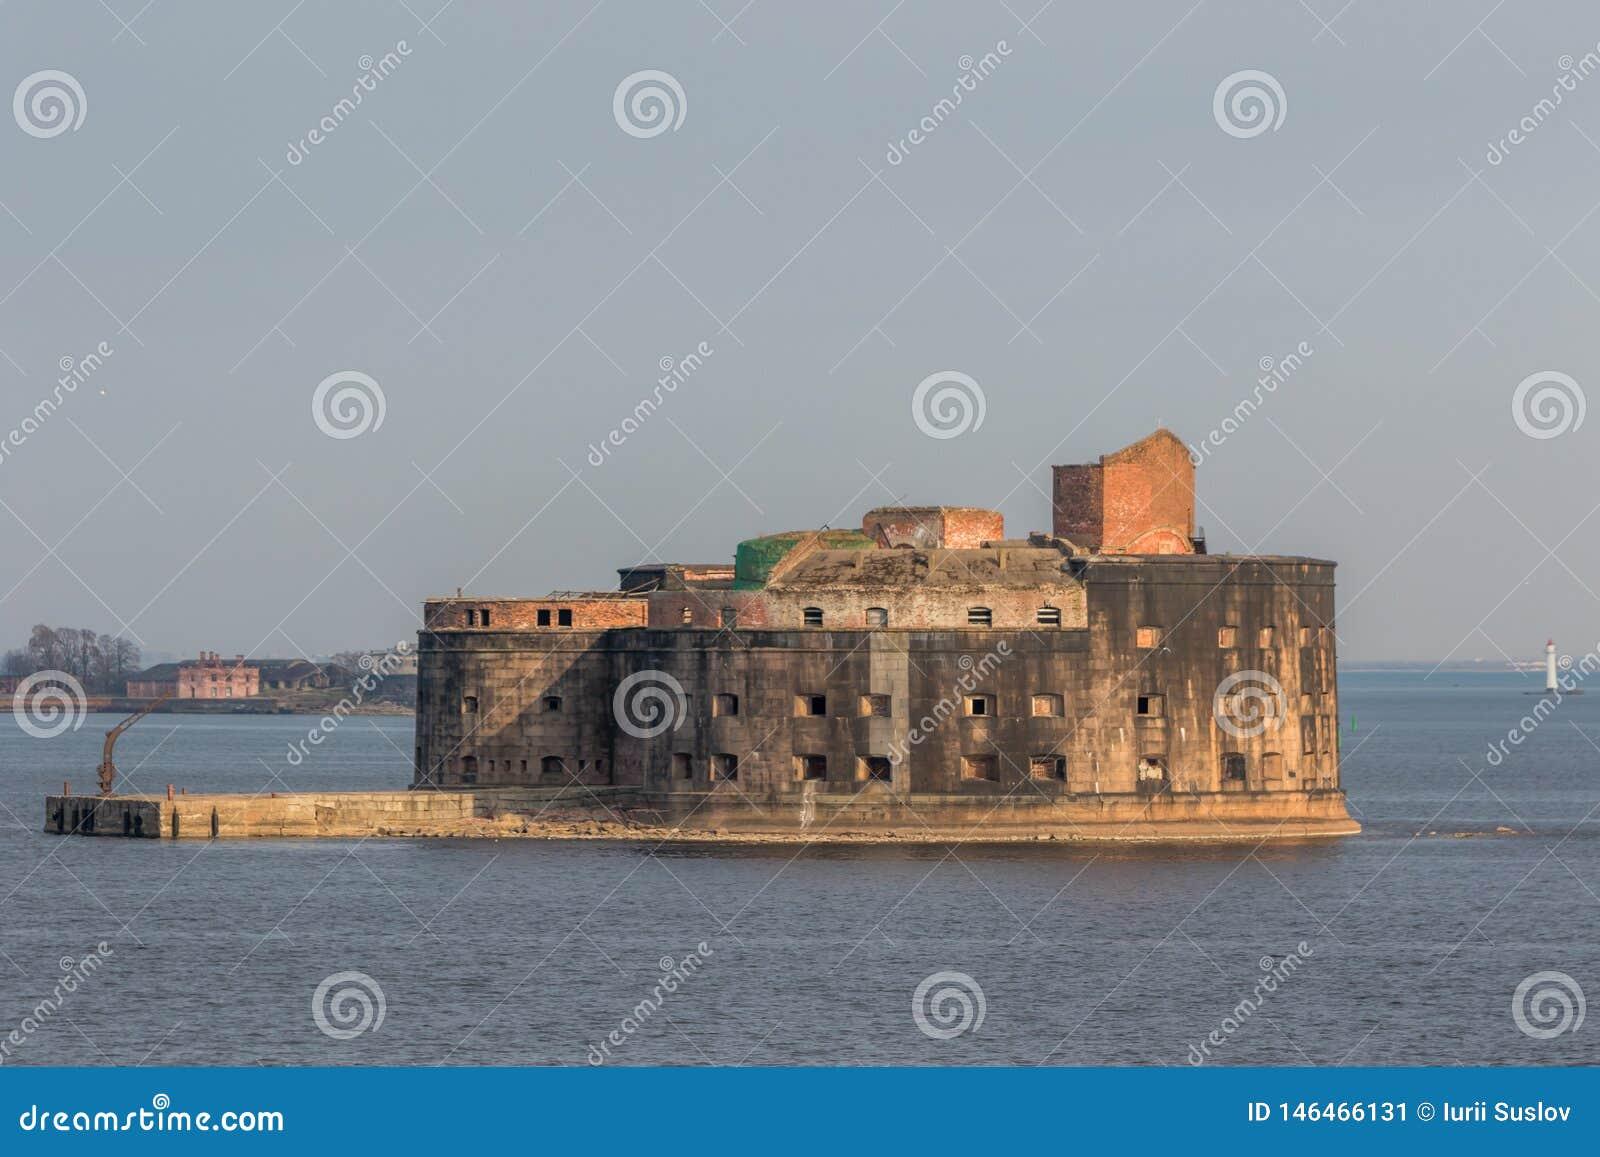 Fuerte hist?rico Alexander 1 plaga cerca de la costa meridional de Kronstadt